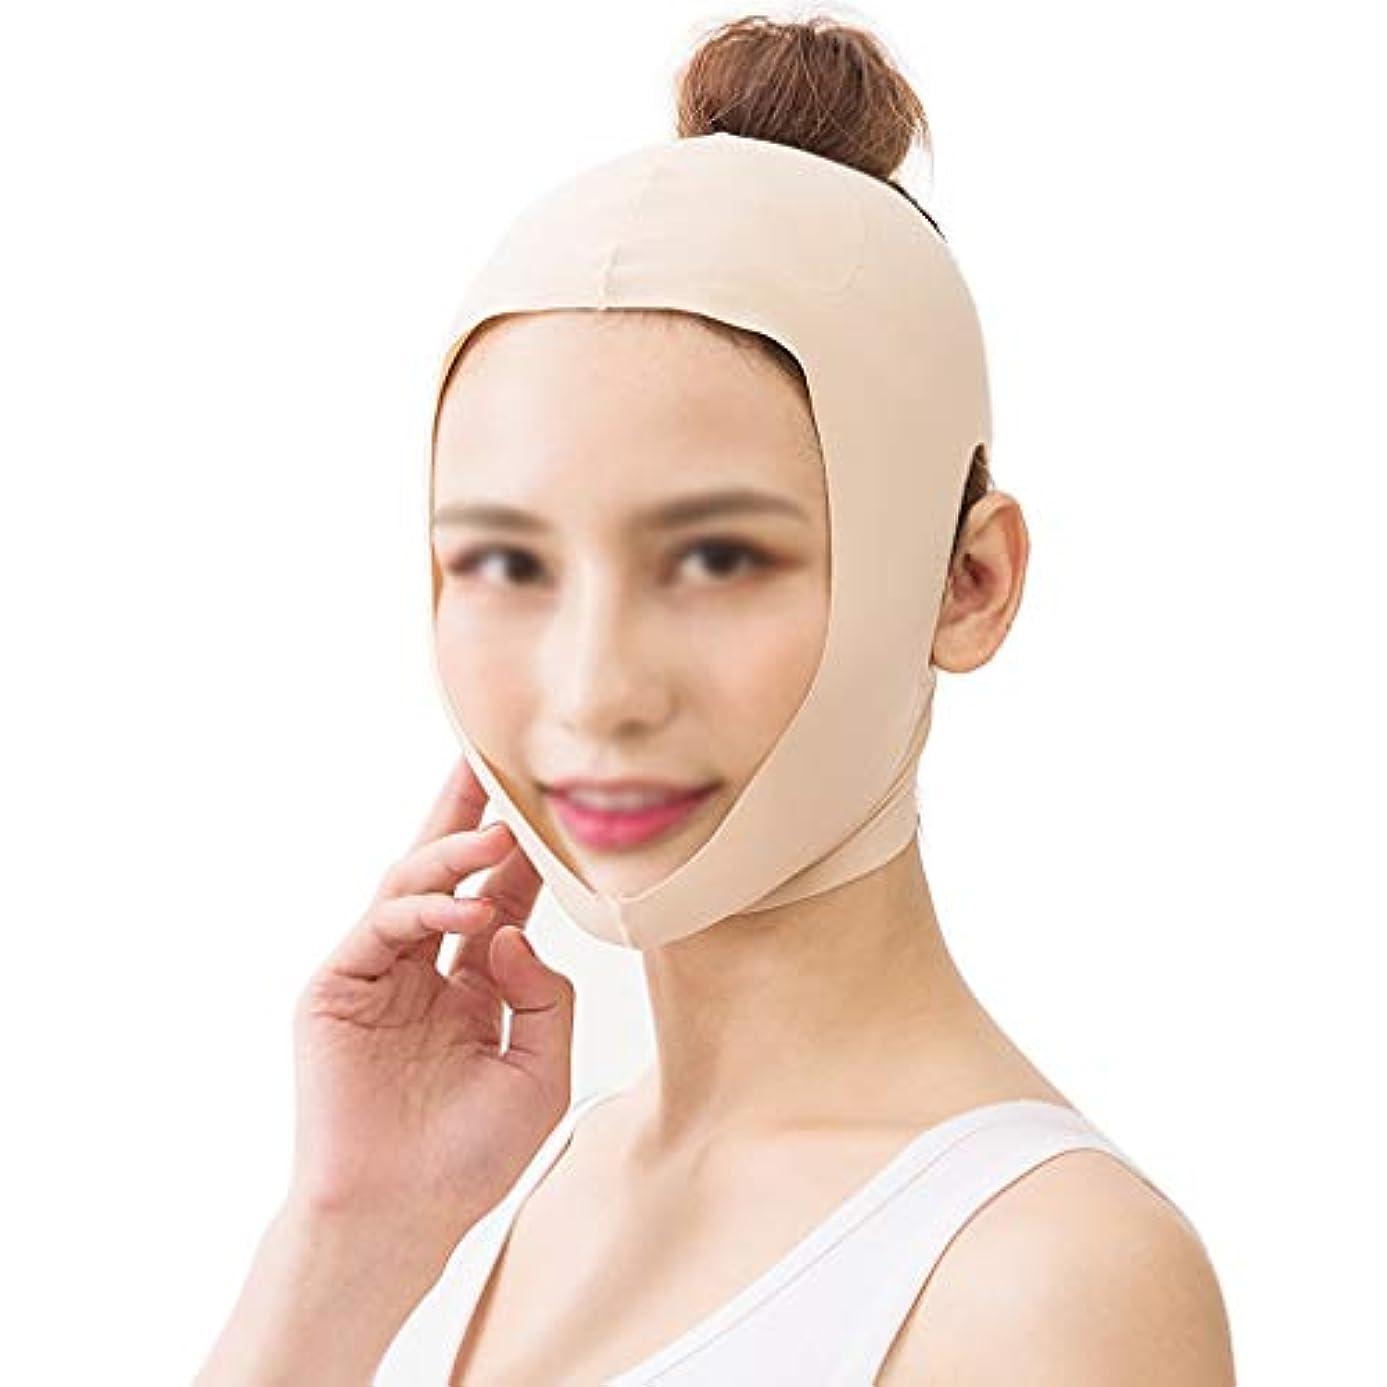 肉腫布肝XHLMRMJ フェースリフト用フェイシャル引き締め包帯、フェイシャルリフティングツール、二重あごを減らすためのリフティング包帯